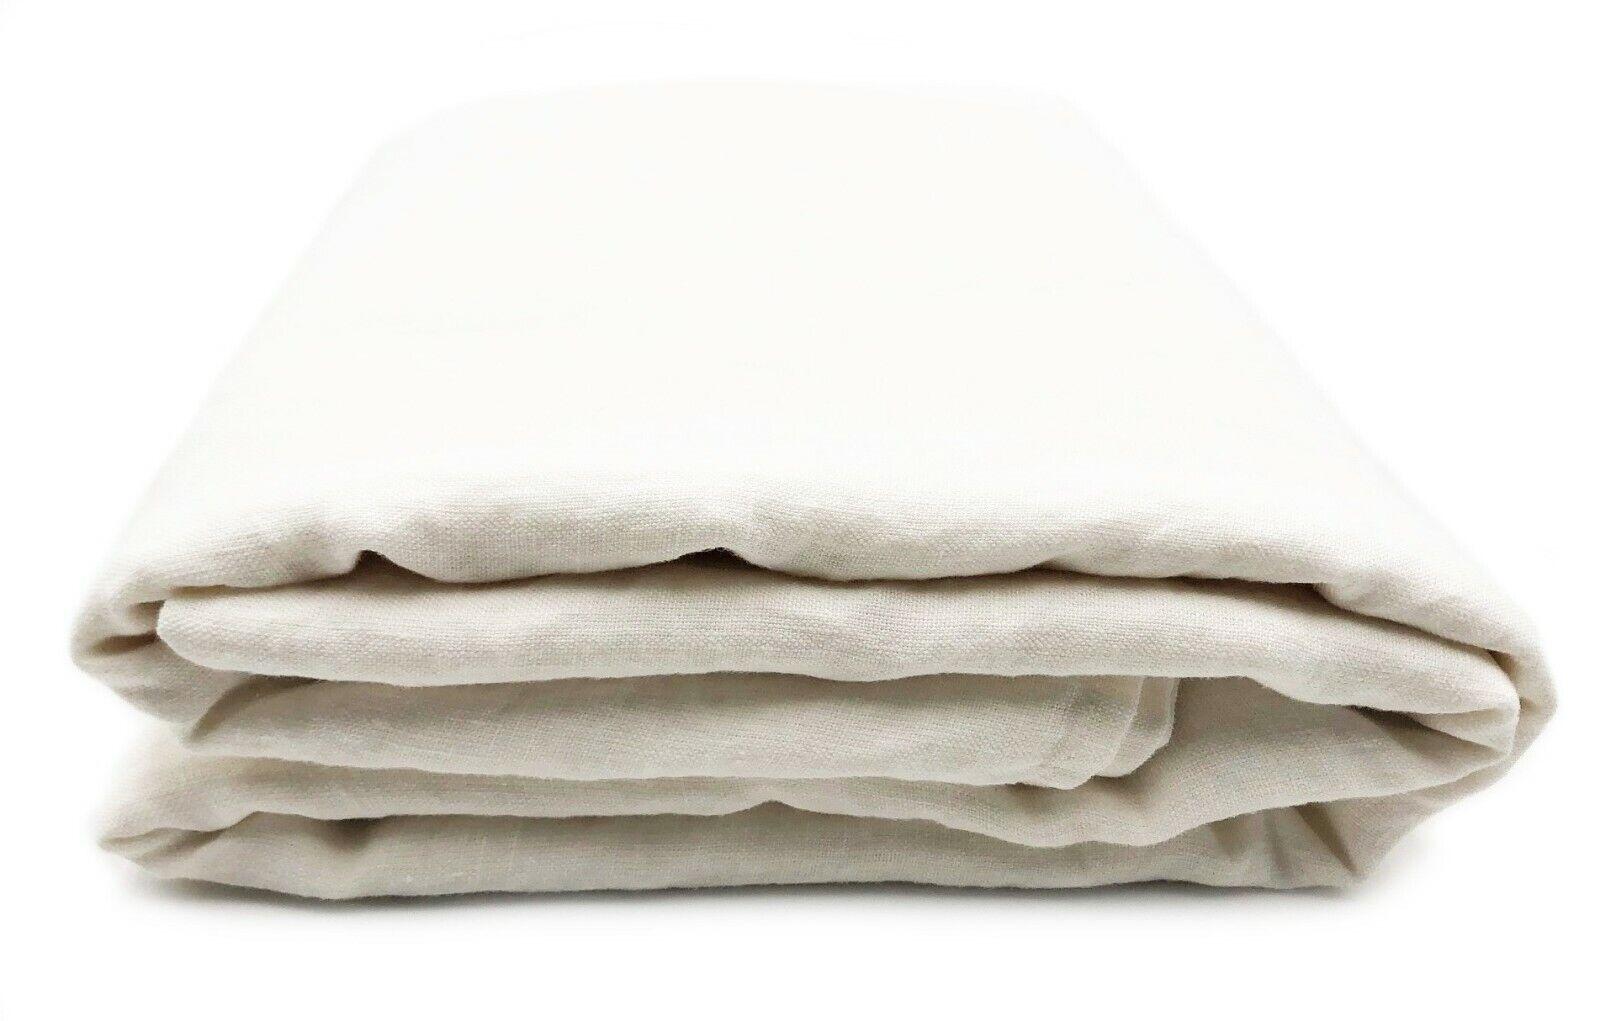 Bettlaken Laken Tuch Überwurf 100% Leinen  Stonewashed  230x250 cm, Off Weiß